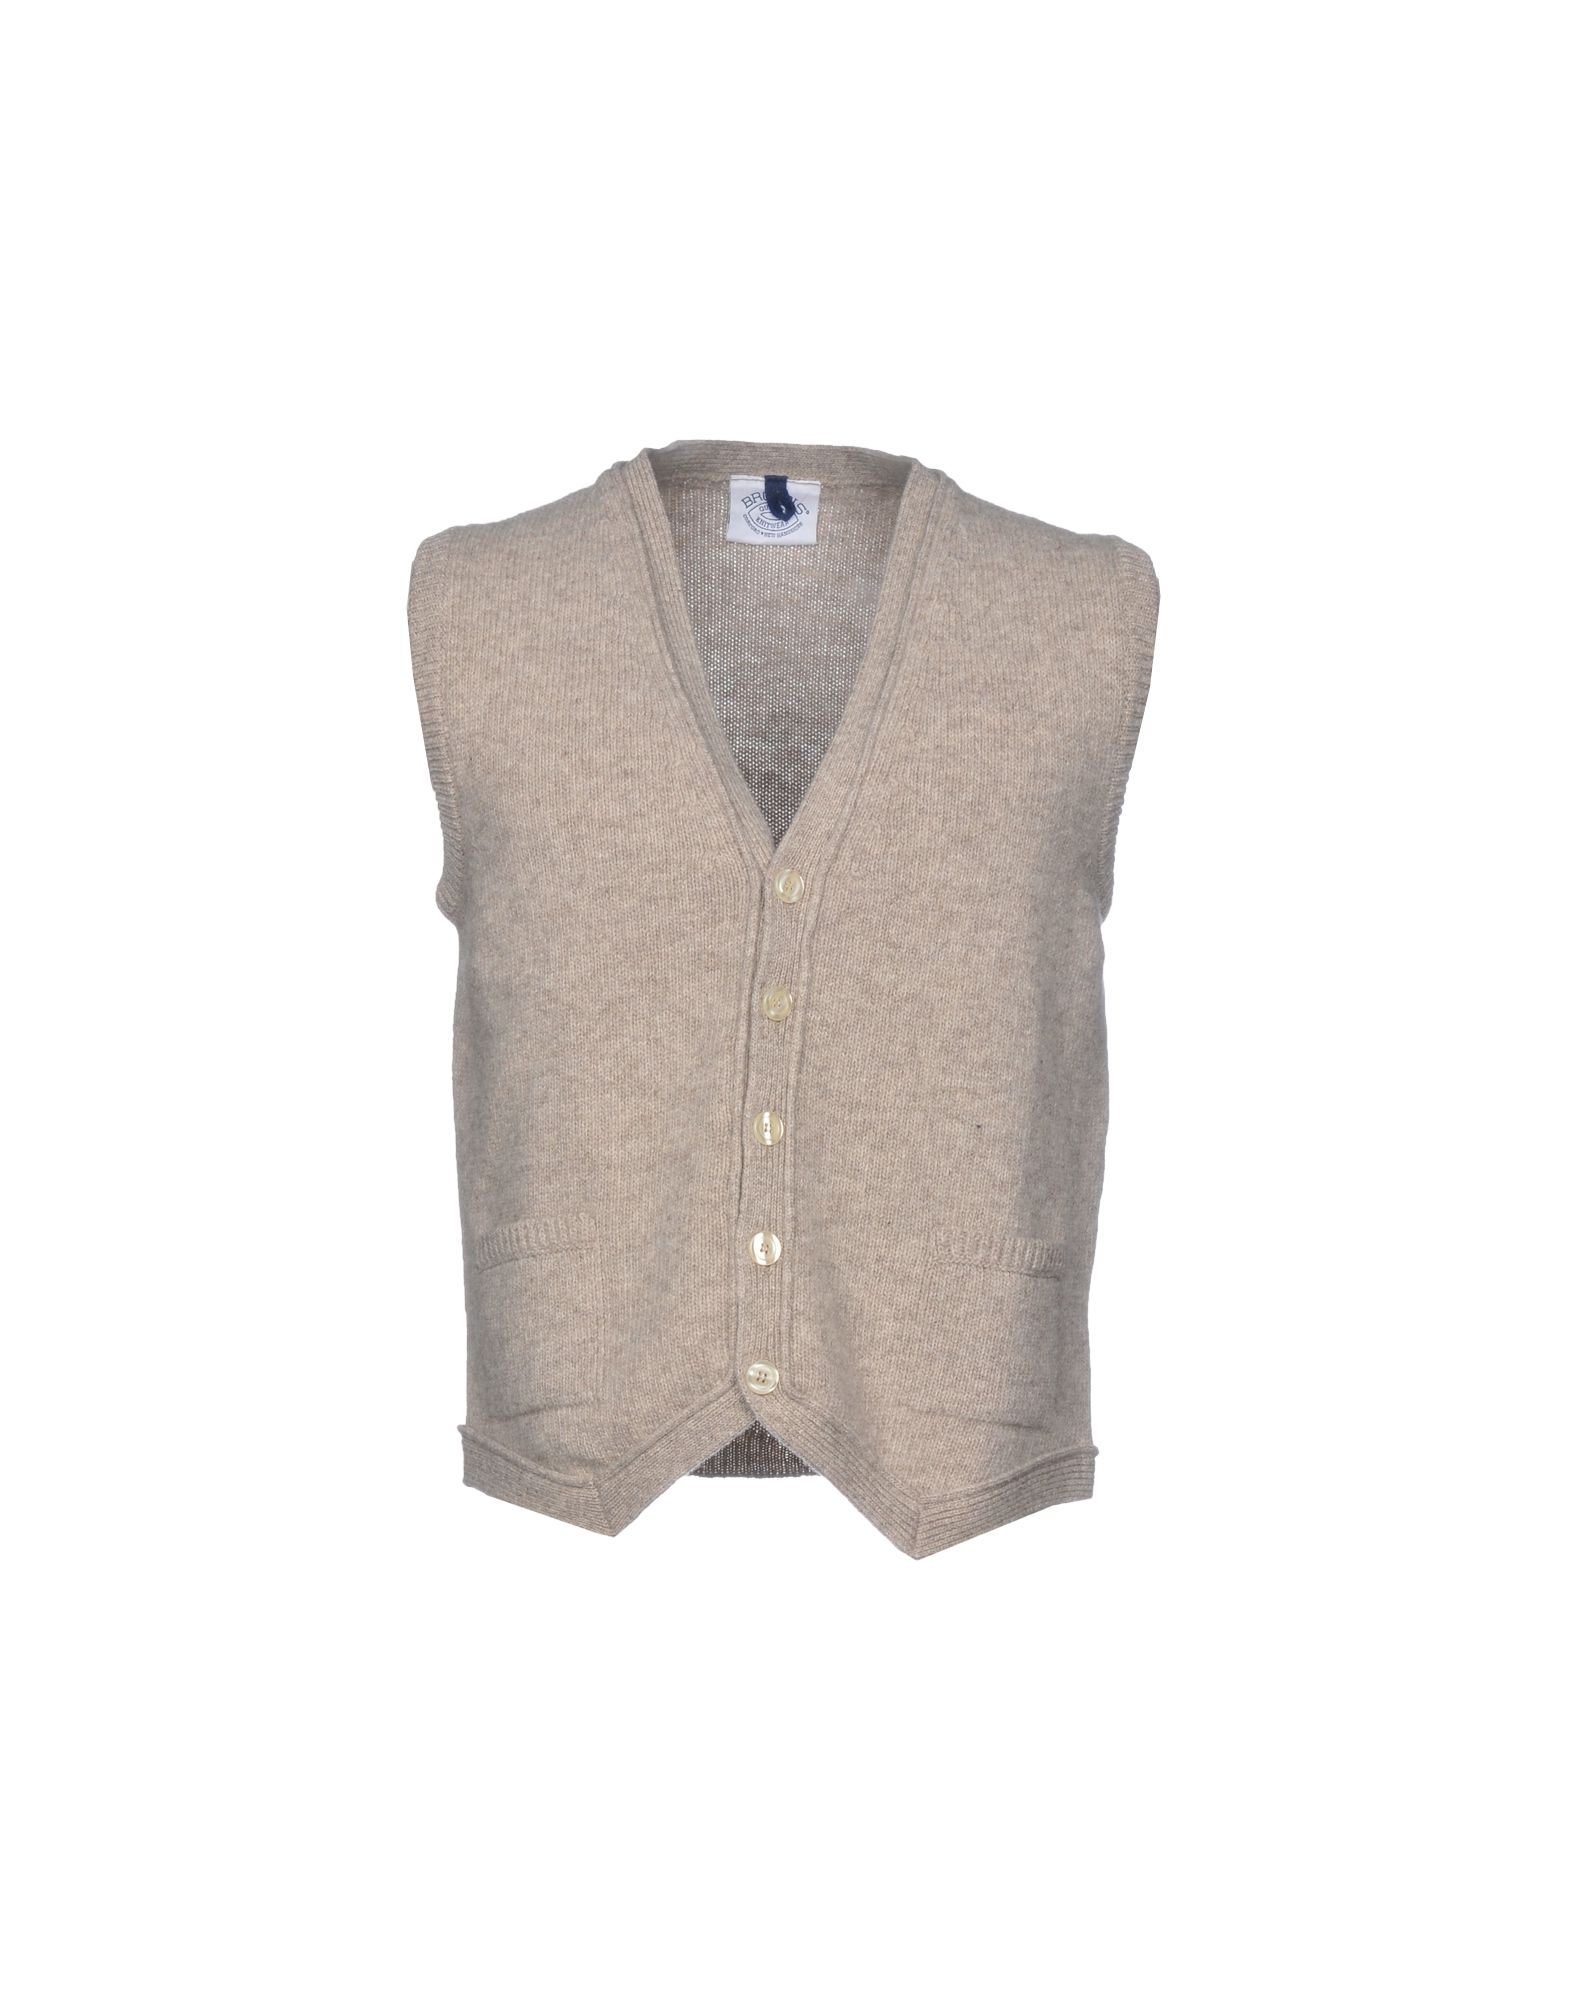 BROWNS Suit Vest in Beige